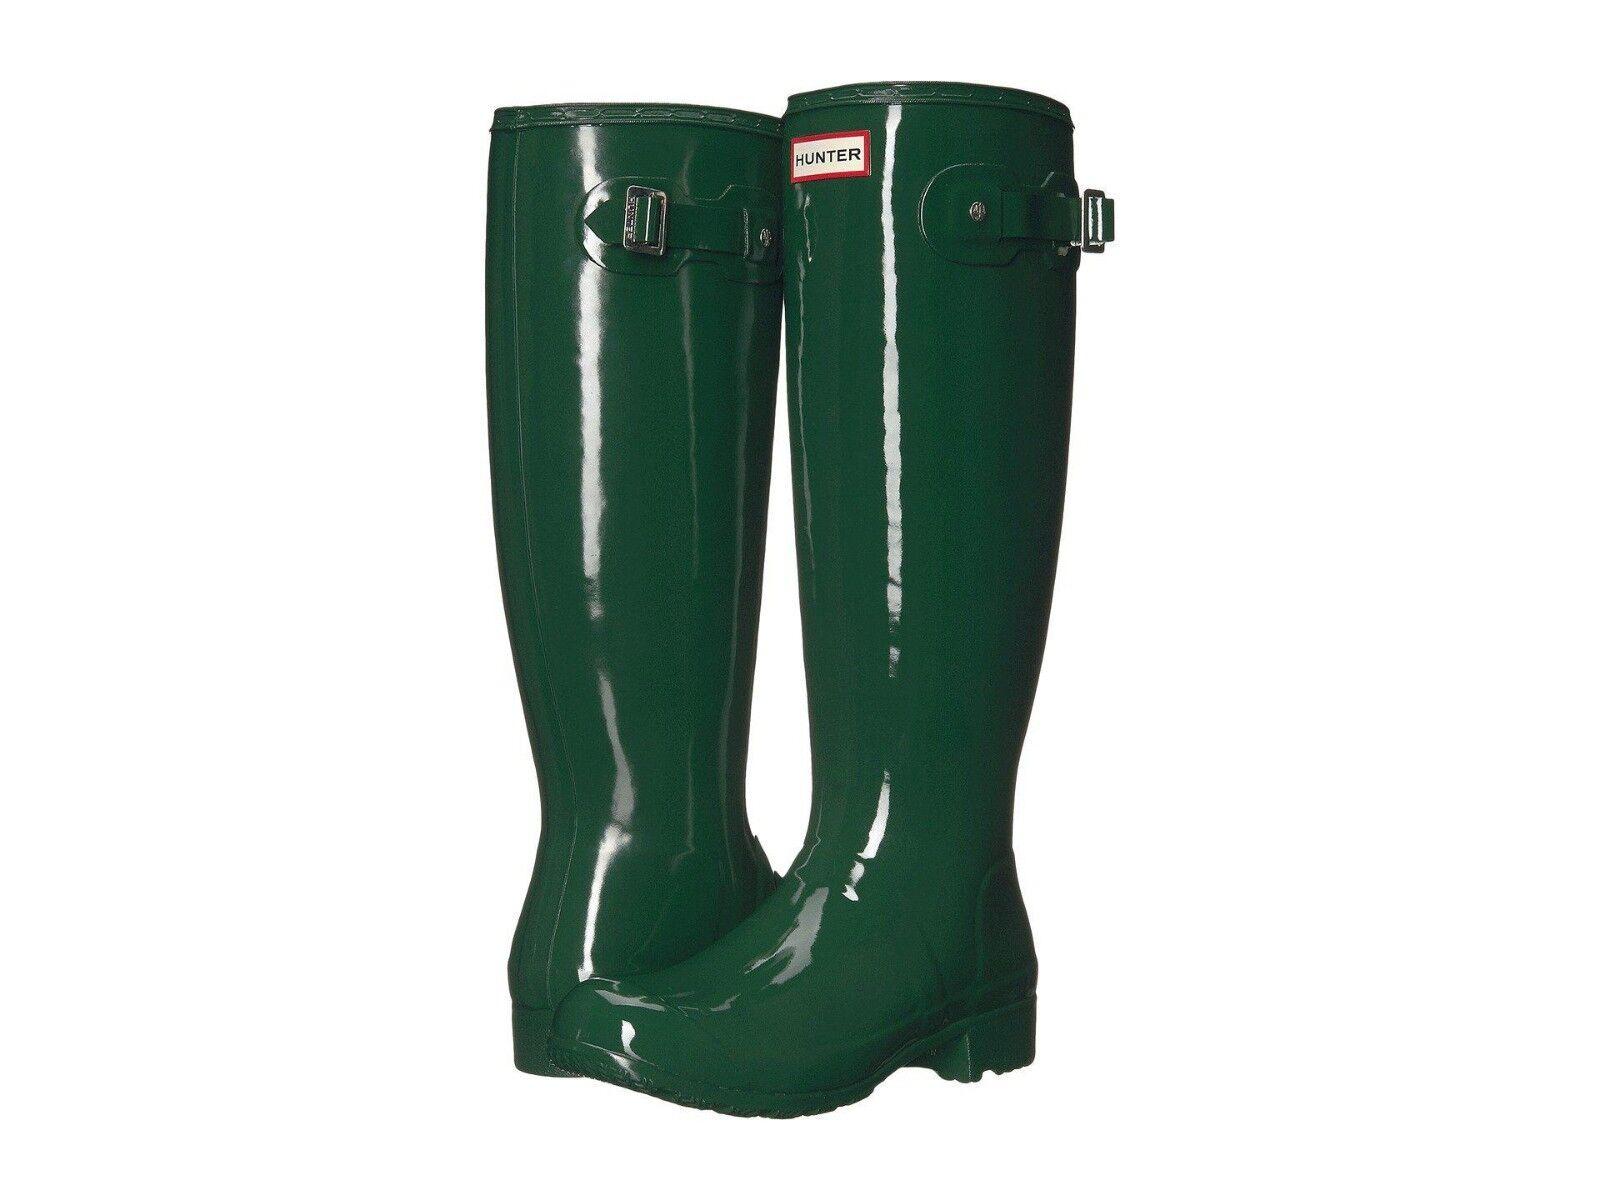 Hunter Women's Original Tour Gloss Hunter Green Tall Rubber Rain Boot NEW Size 9